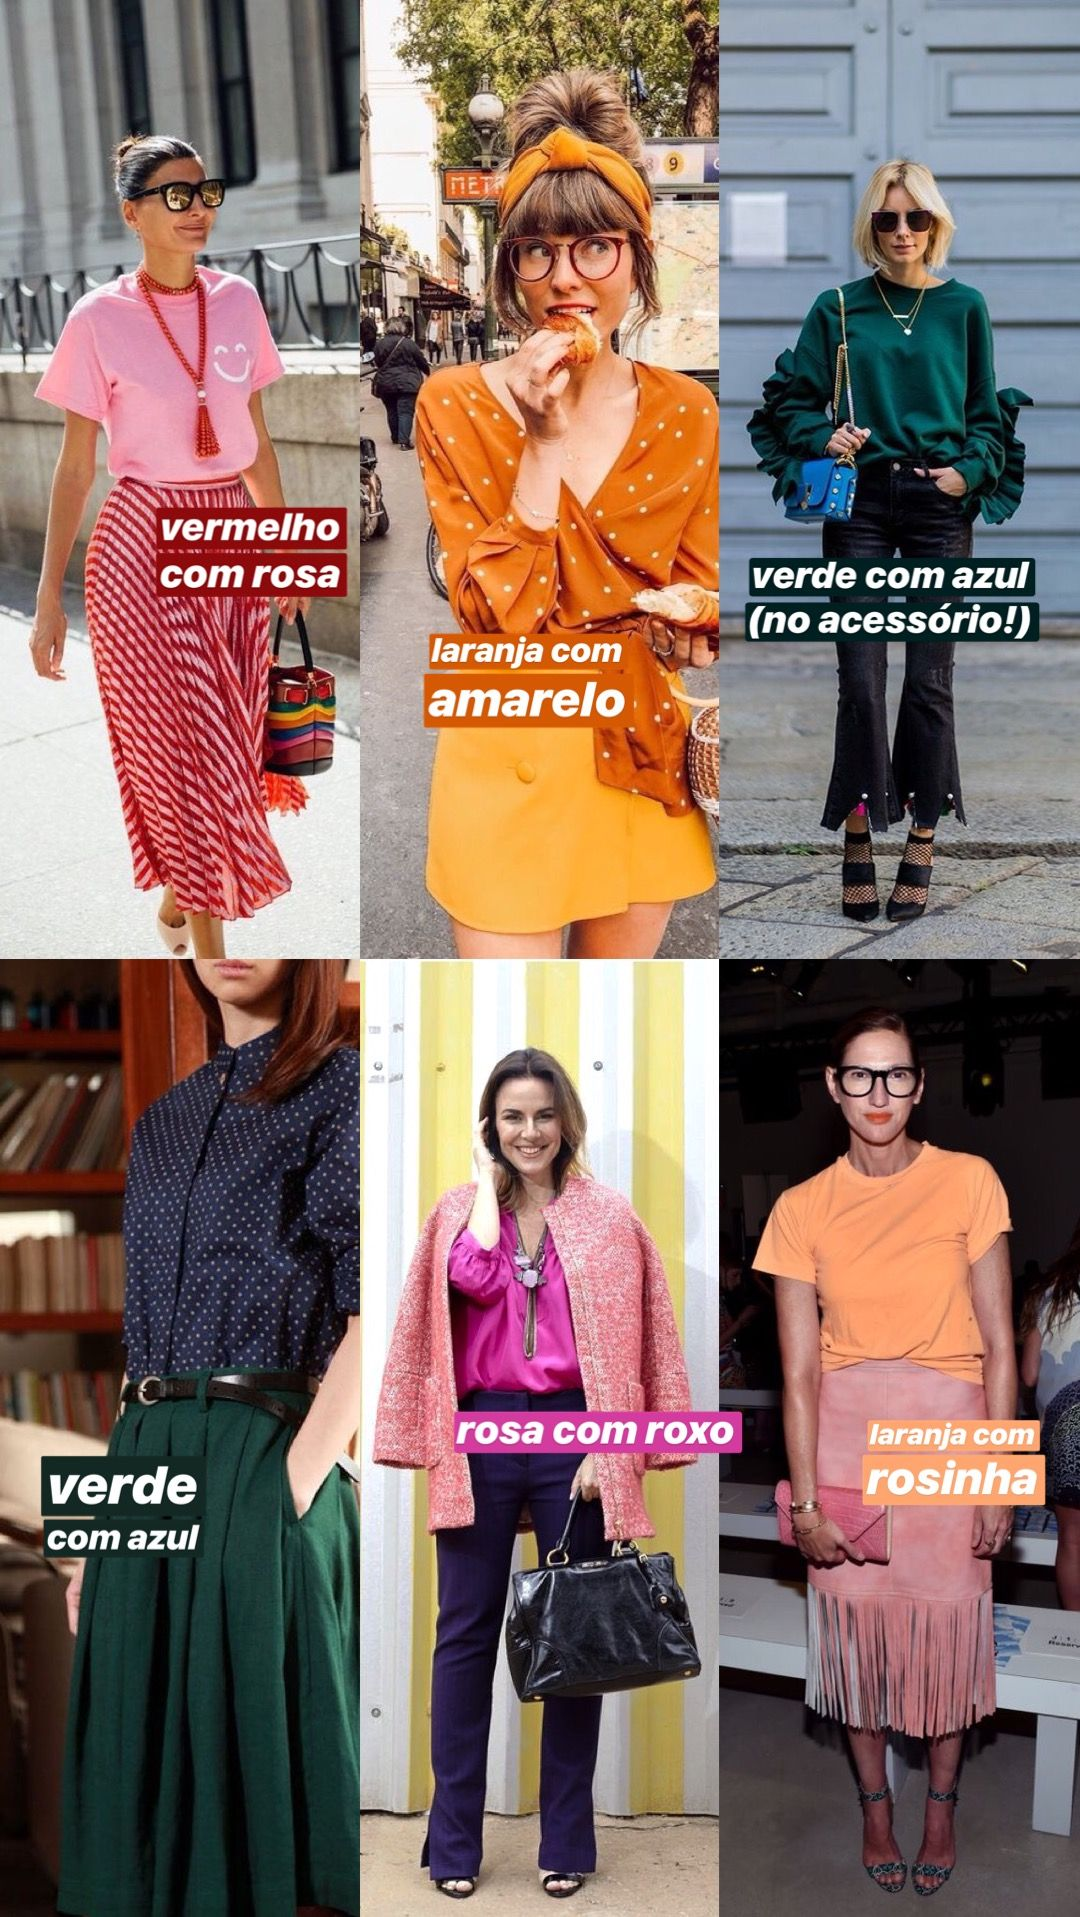 ac8545e53 ideias para fazer combinações com cores análogas: vermelho com rosa,  laranja com amarela, verde com azul, rosa com roxo, laranja com rosa.